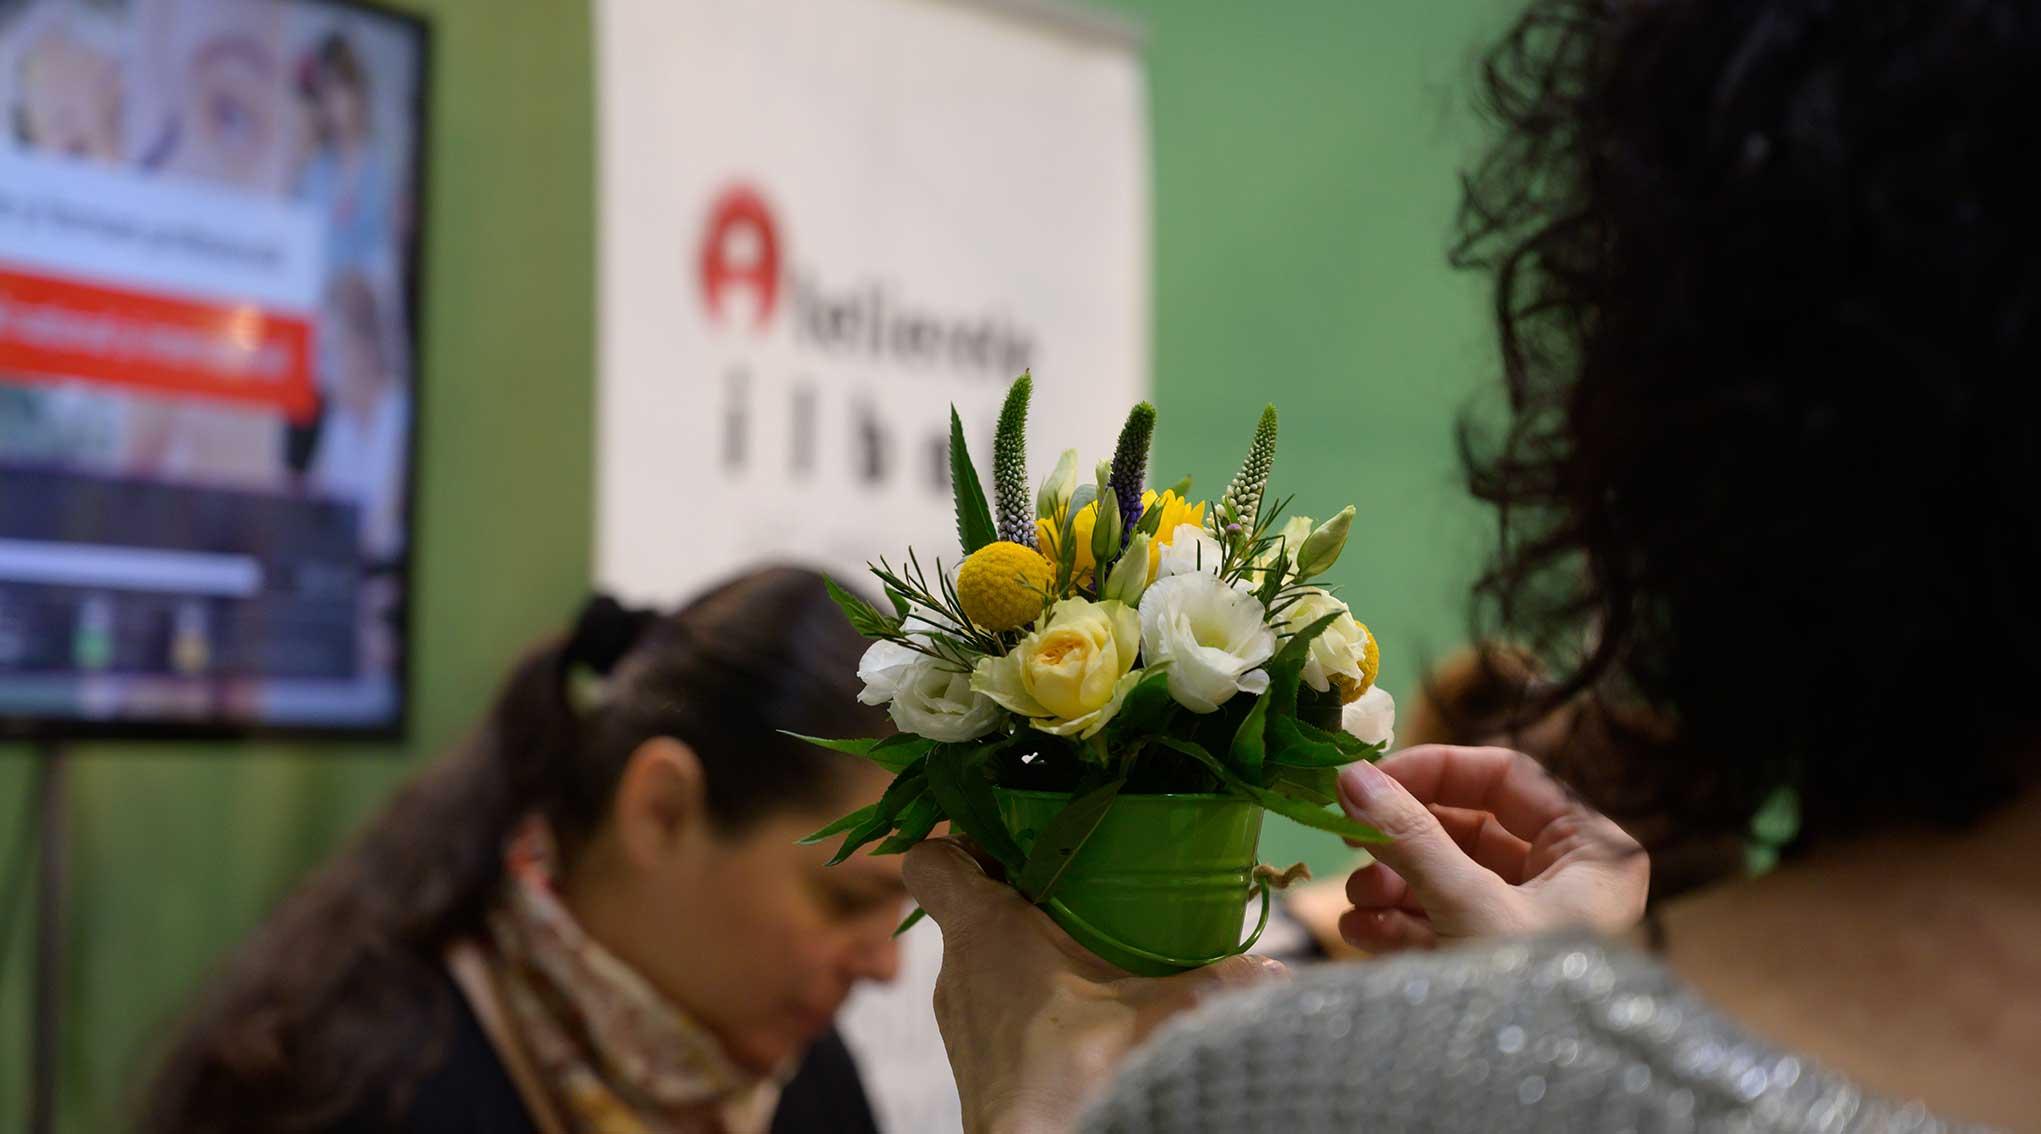 workshop-uri-demonstratii-si-conferinte-marca-atelierele-ilbah-pe-parcursul-a-4-zile-in-cadrul-romexpo-42